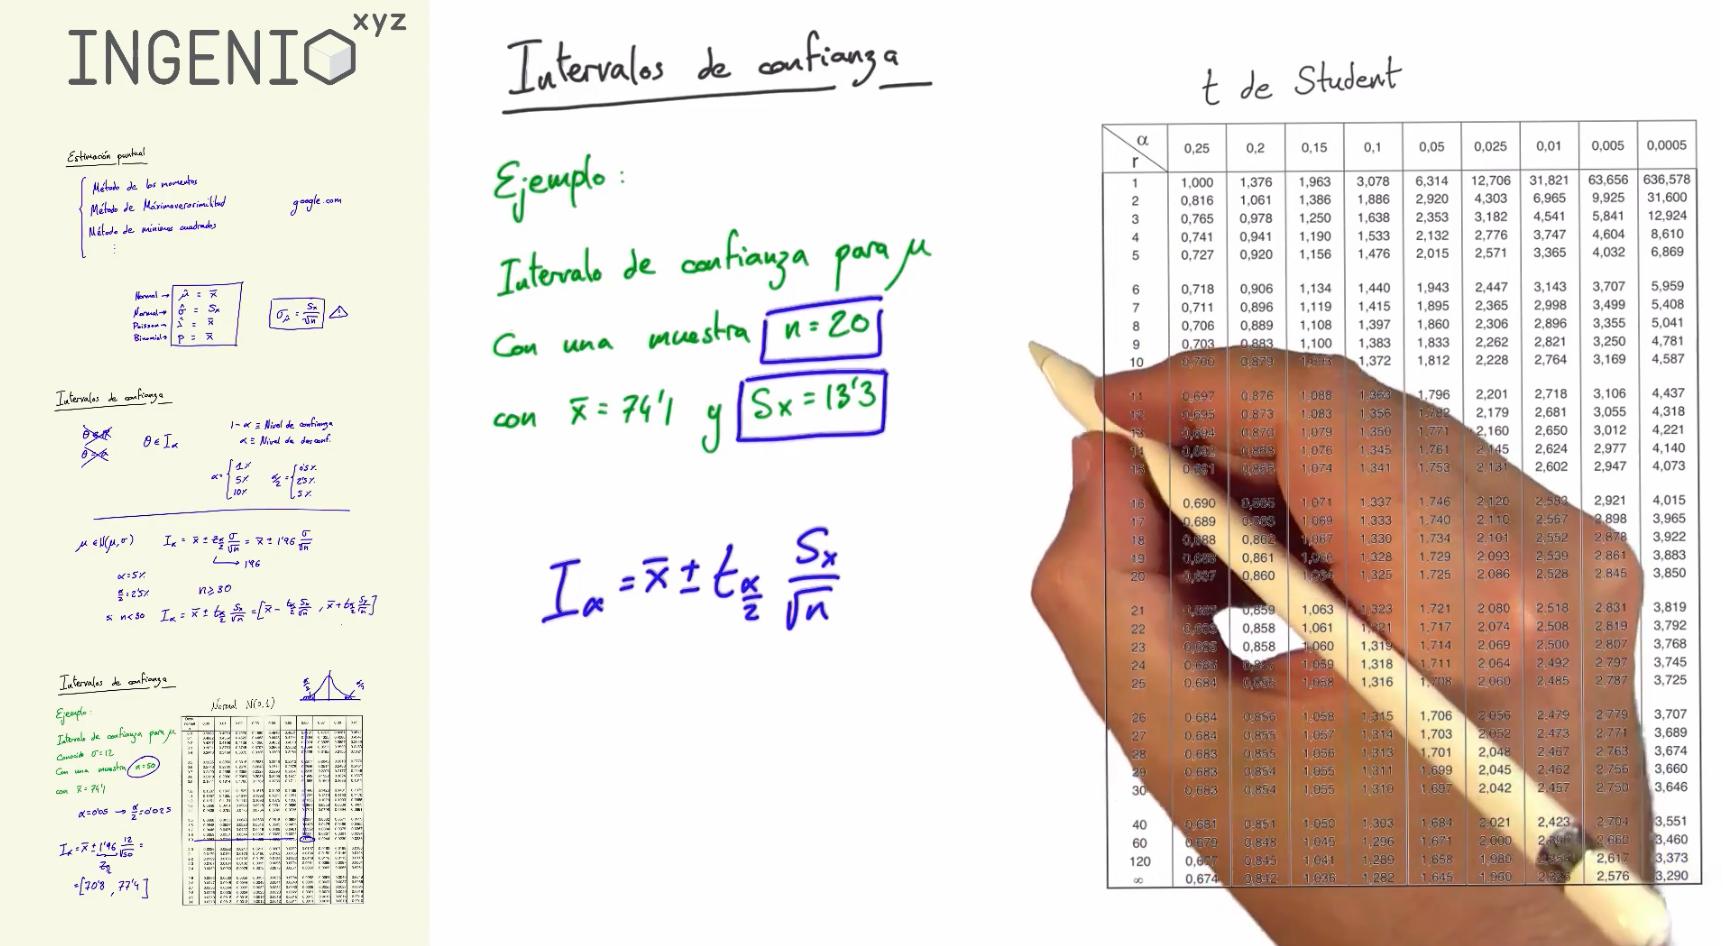 Imagen Cómo calcular el intervalo de confianza de la media con la t-Student